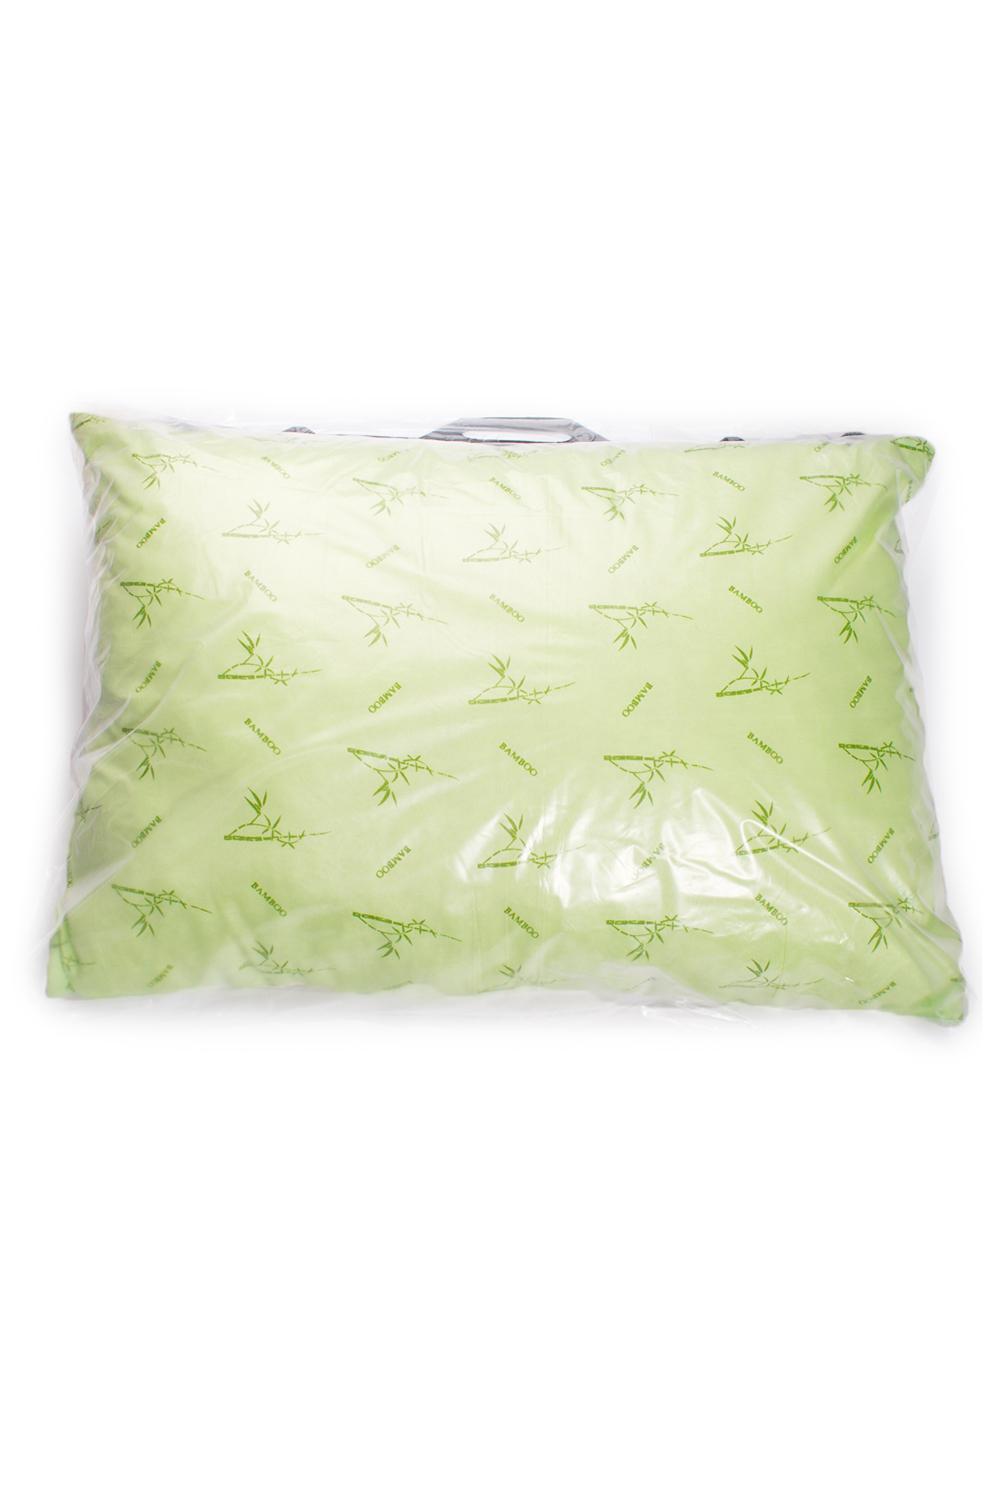 ПодушкаПодушки<br>Мягкая и легкая подушка  Ткань верха - хлопок+полиэстер Наполнитель - холлофайбер  В изделии использованы цвета: зеленый<br><br>По материалу: Синтетические ткани<br>По рисунку: С принтом,Цветные<br>Размер : 50*70<br>Материал: Смесовая: хлопок+полиэстер<br>Количество в наличии: 5